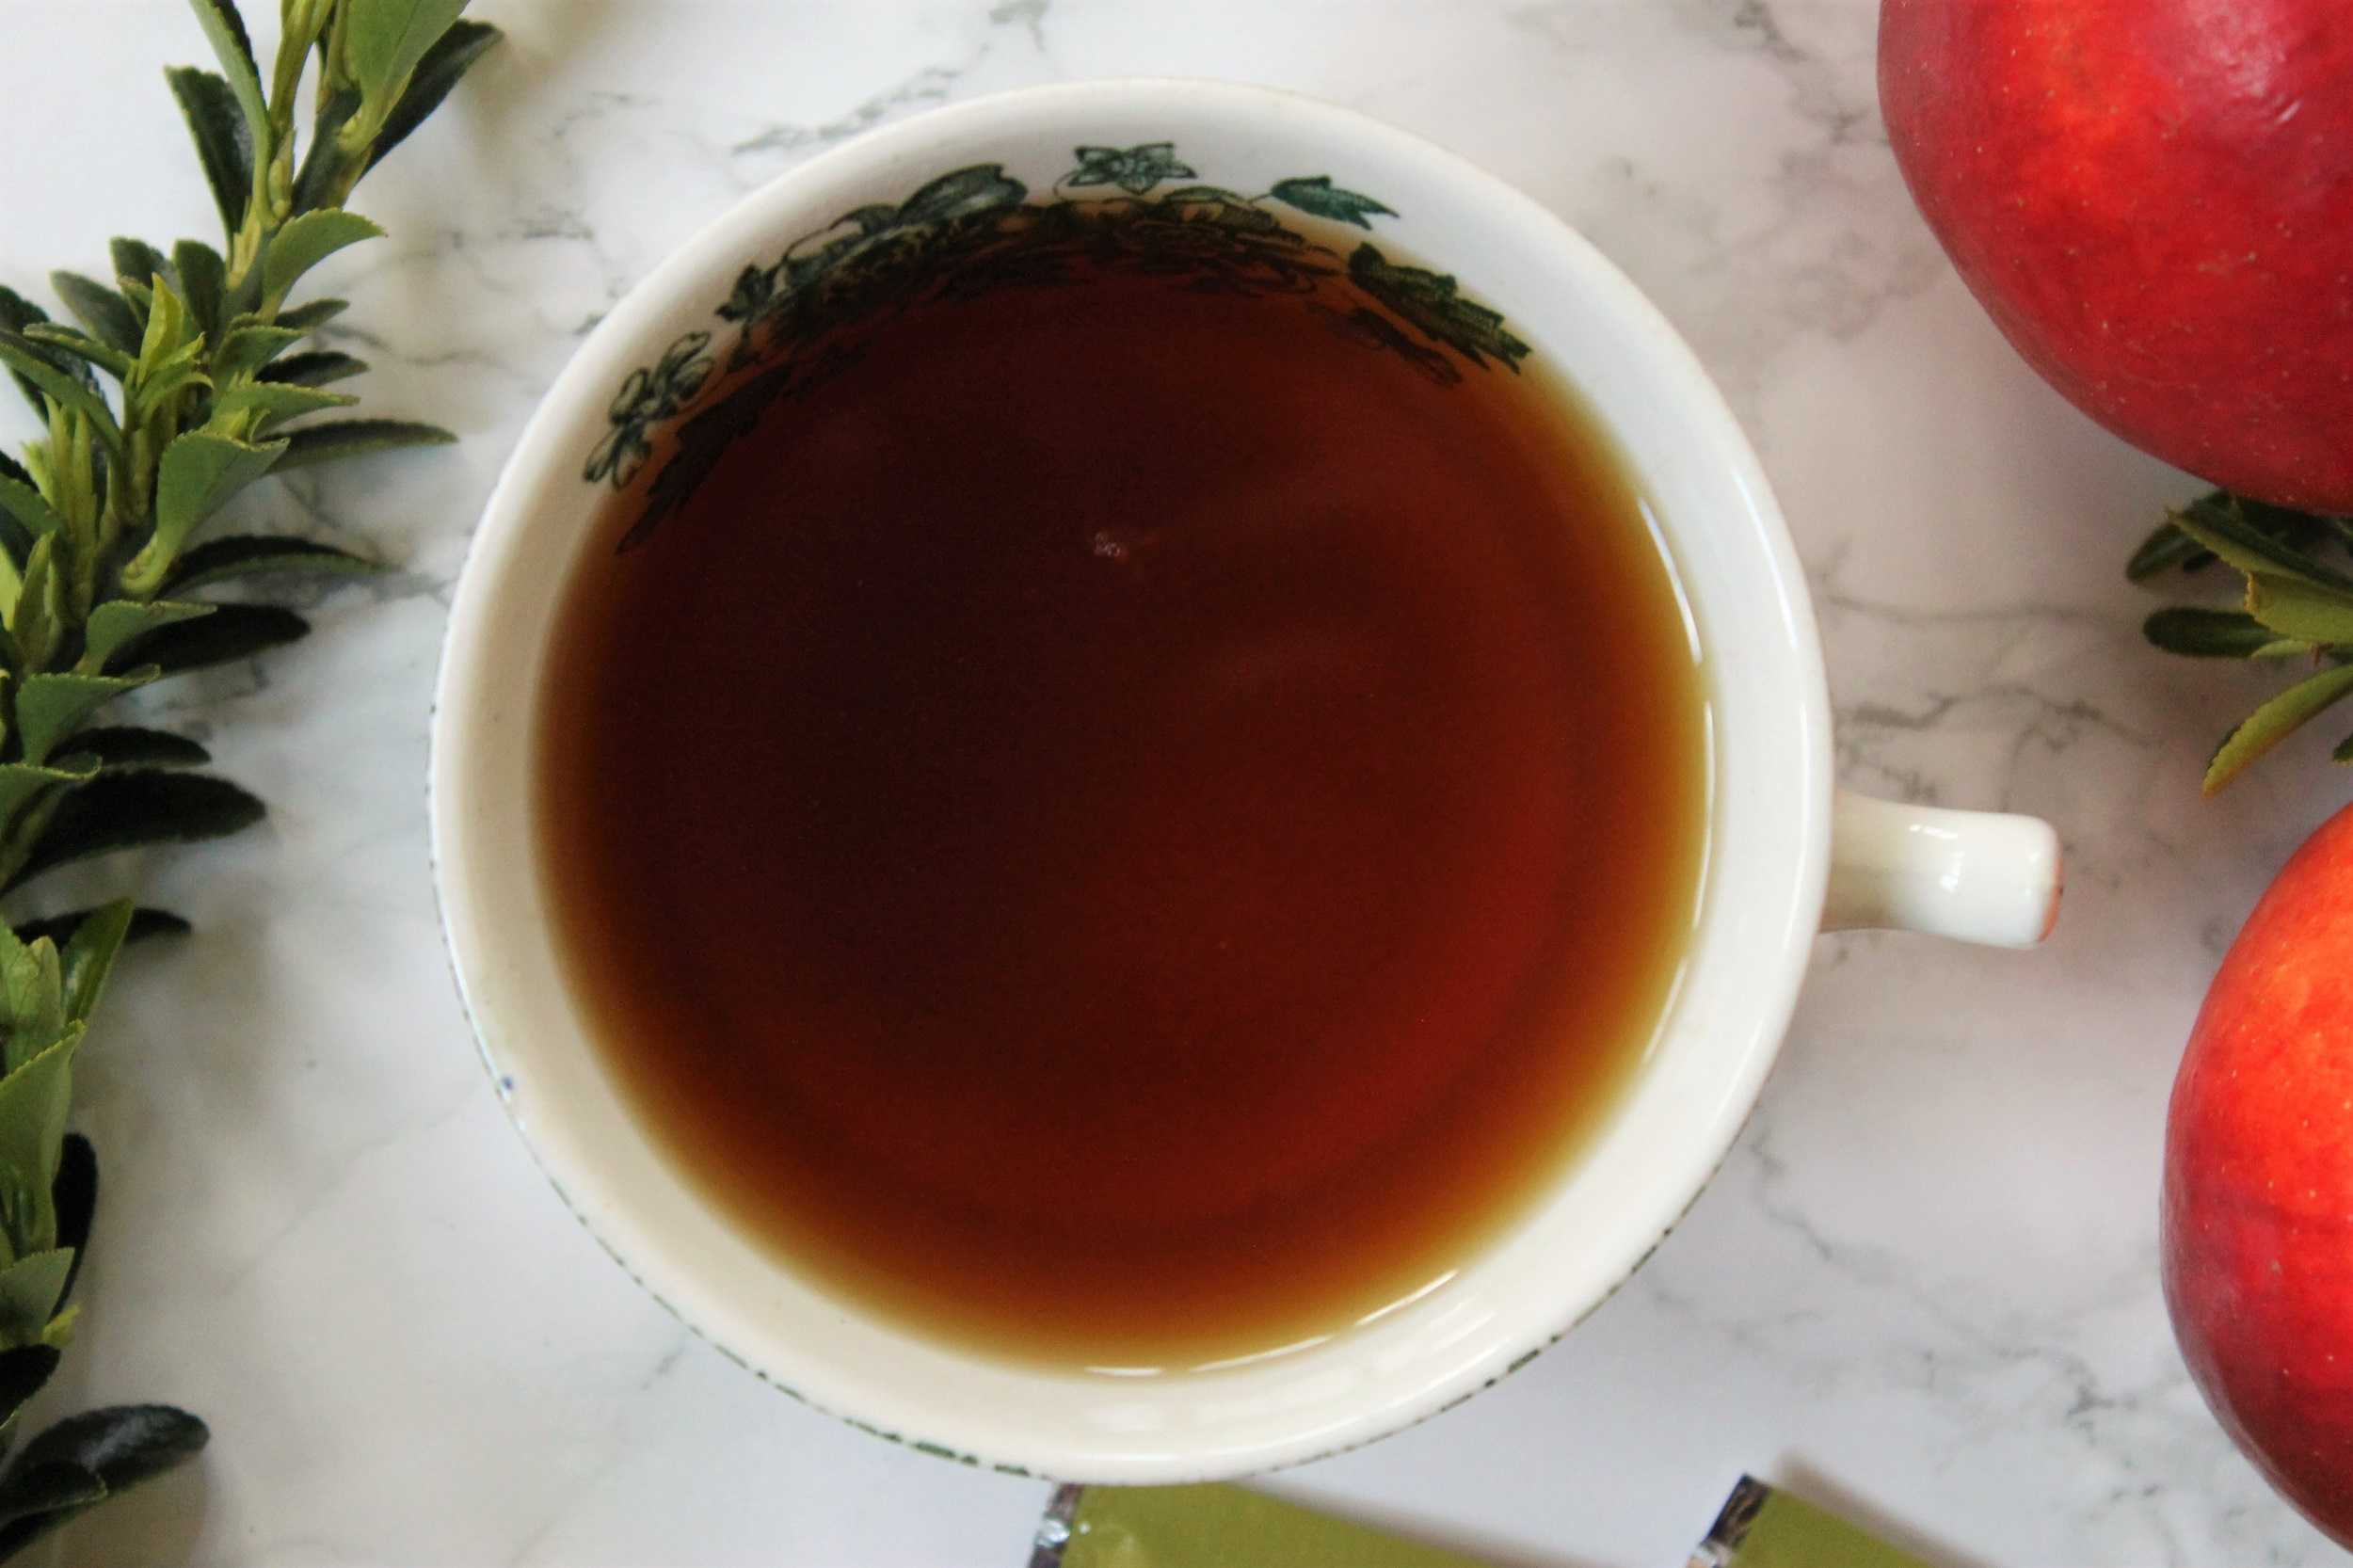 apple black tea in china teacup